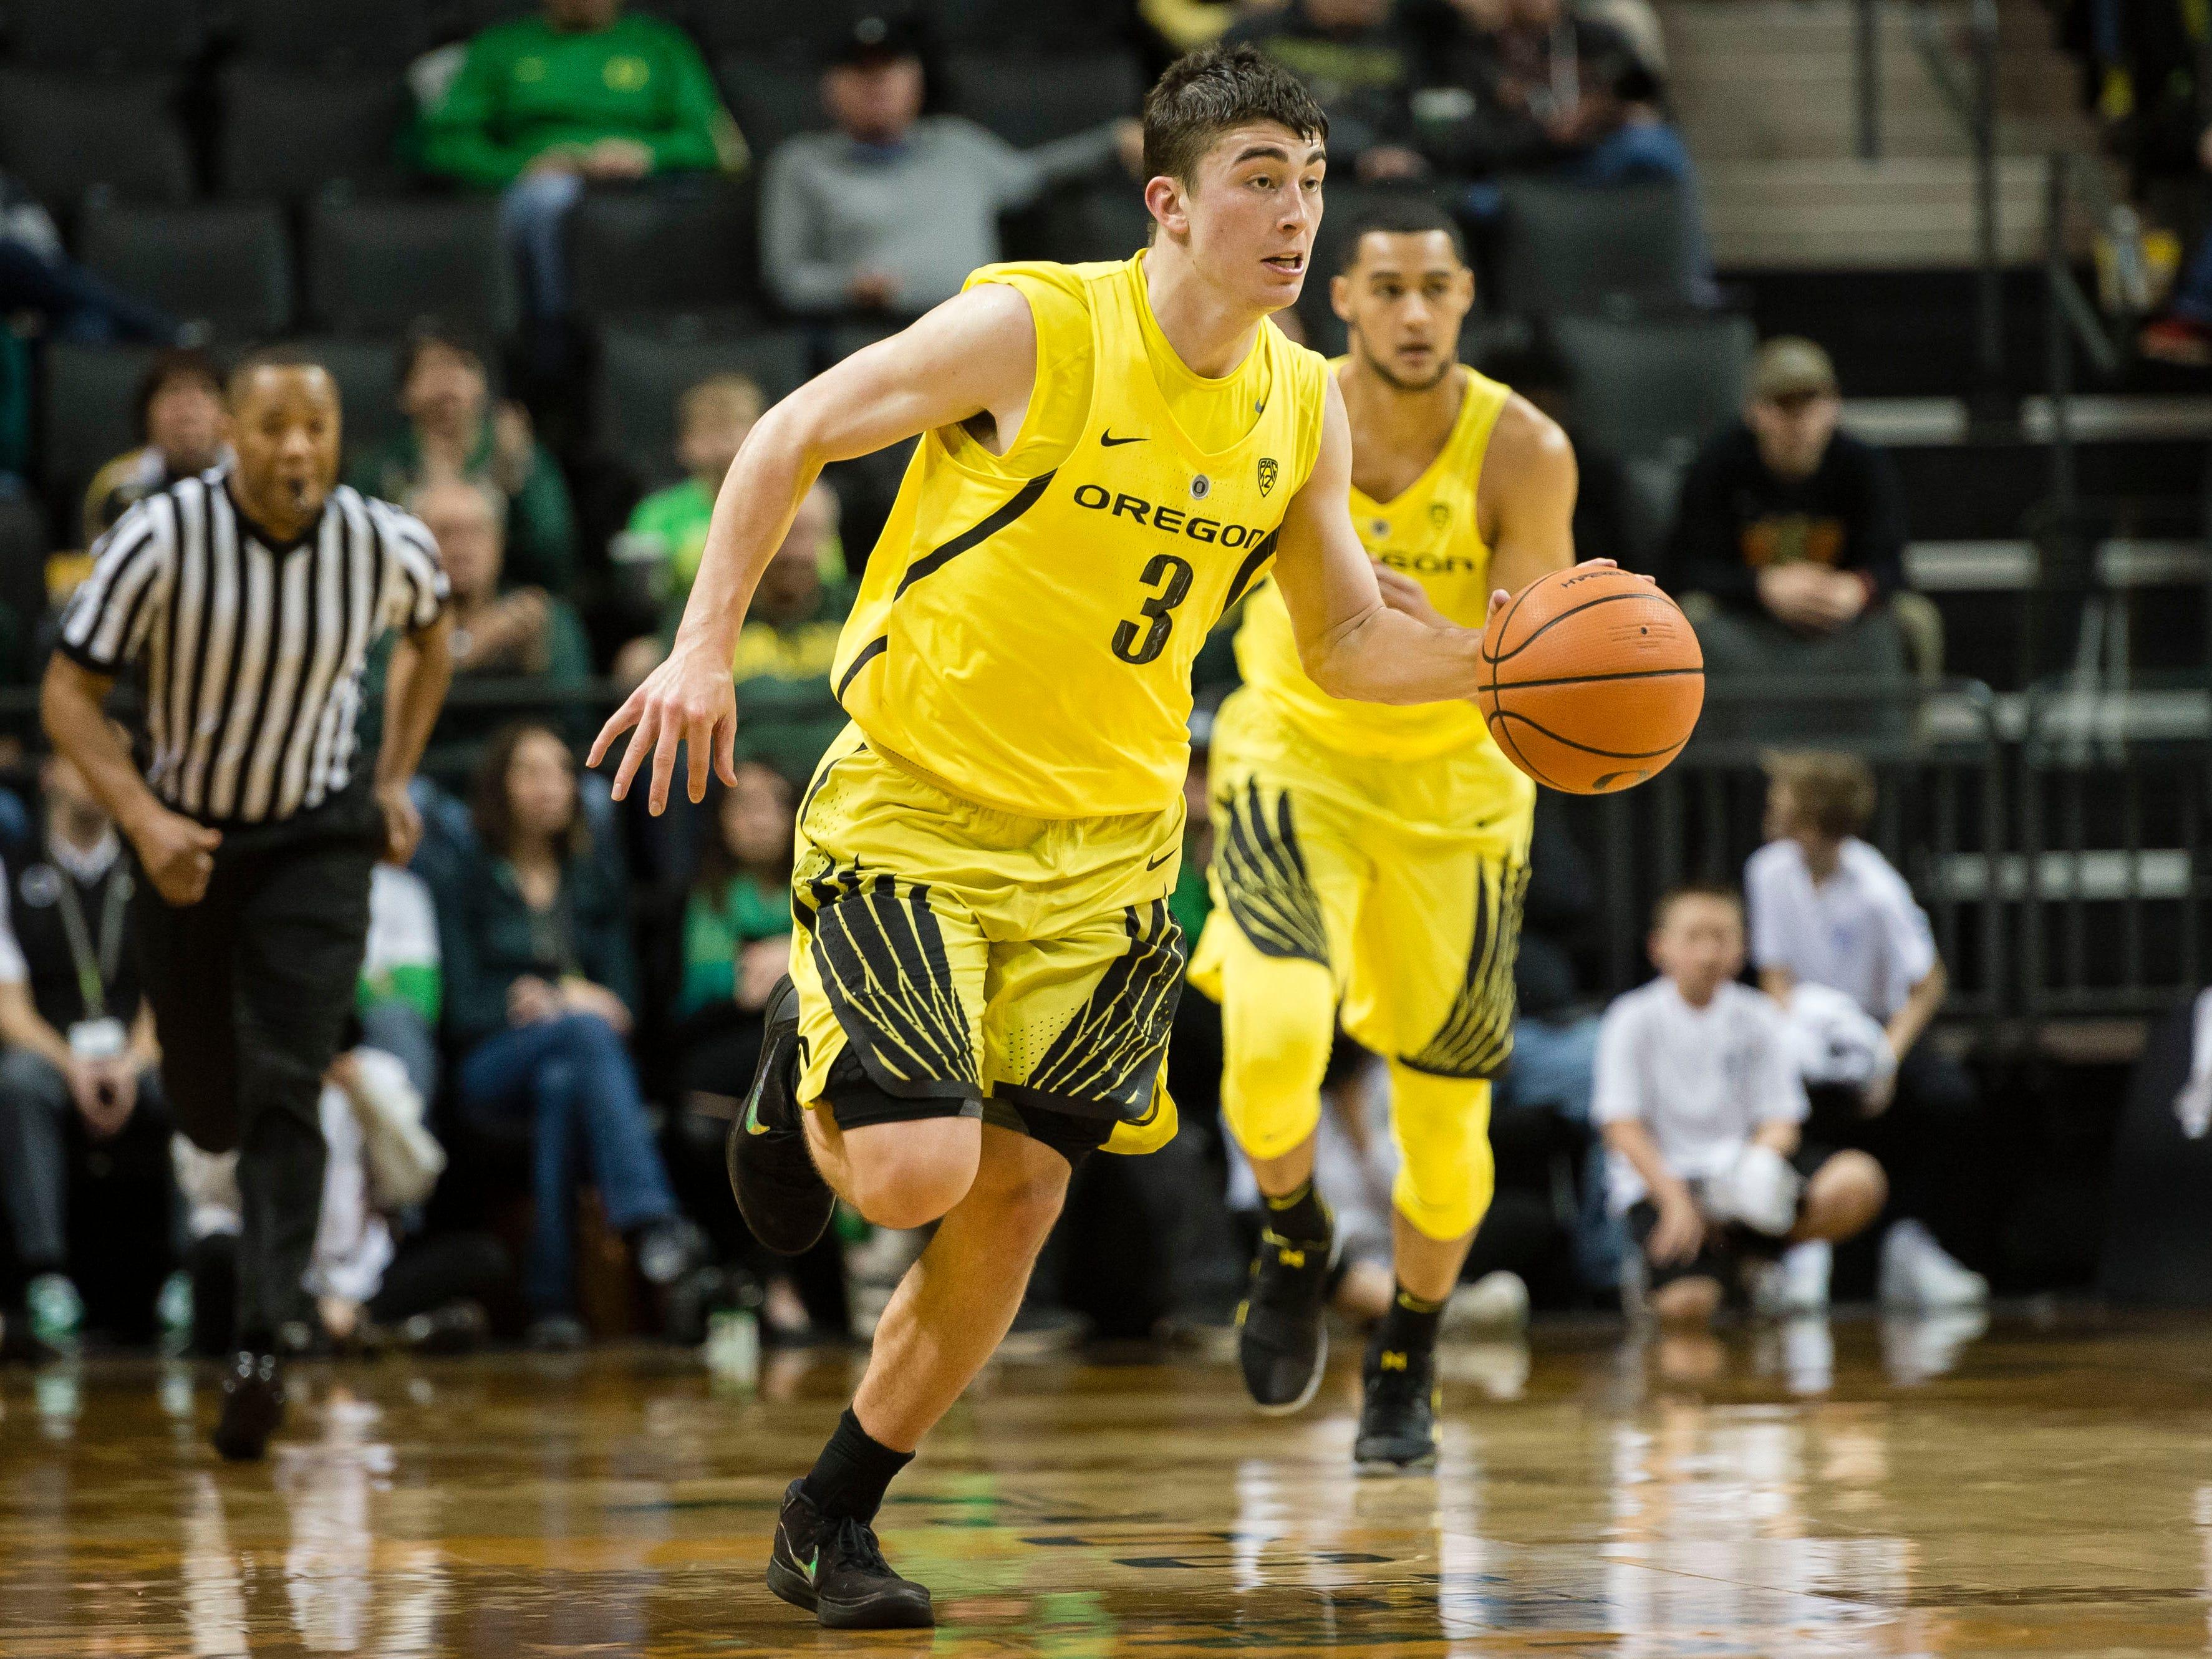 No. 16 Oregon (23-13 in 2017-18).